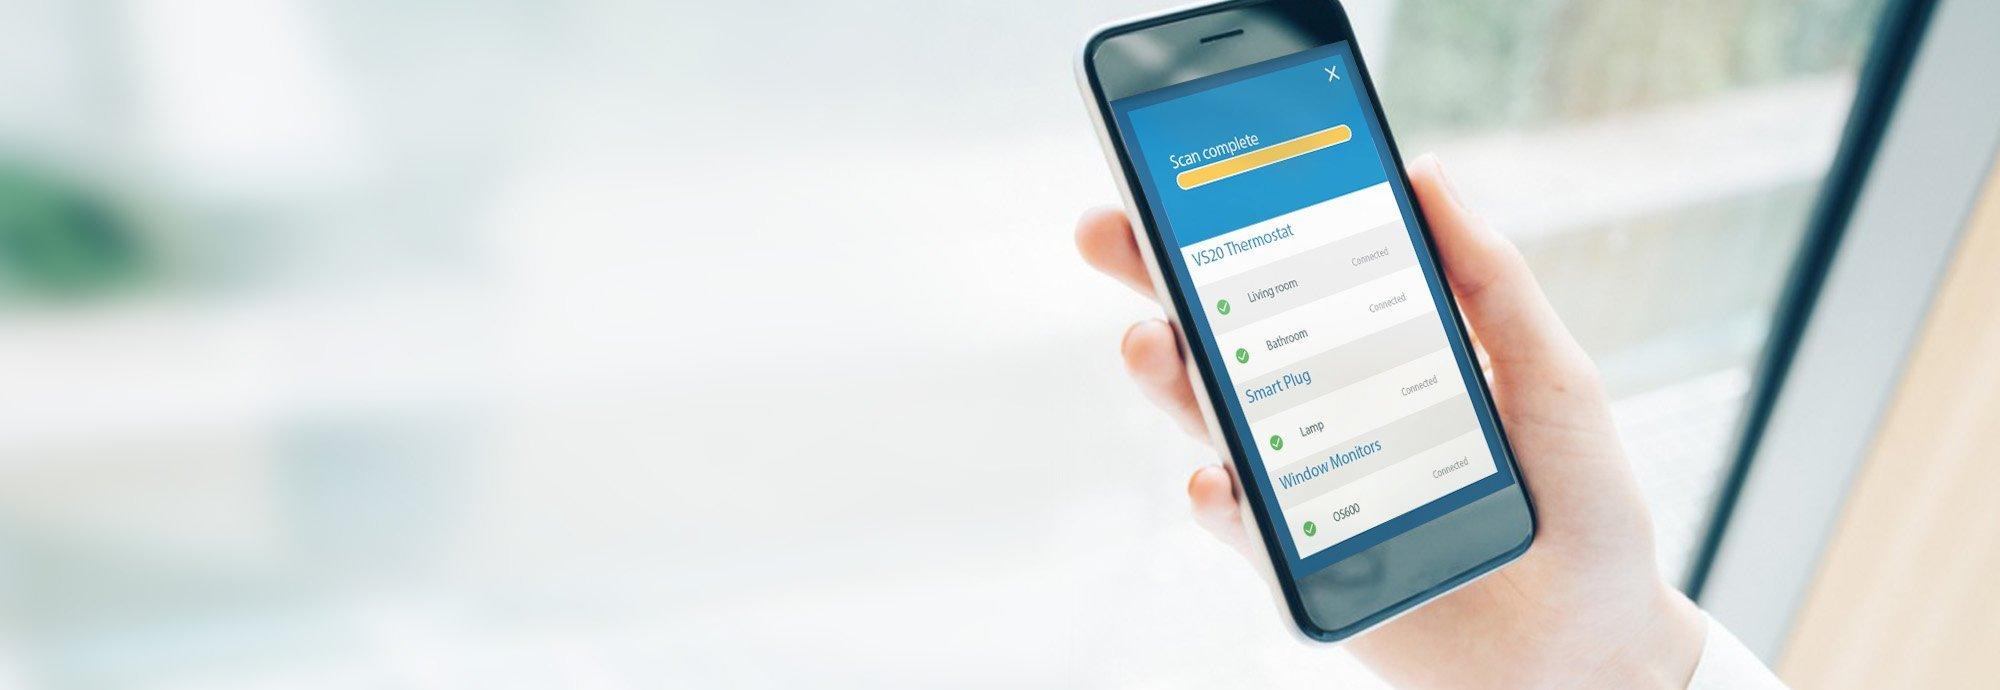 Ознакомьтесь с новым приложением iT600 Smart Home Демо-версия приложения